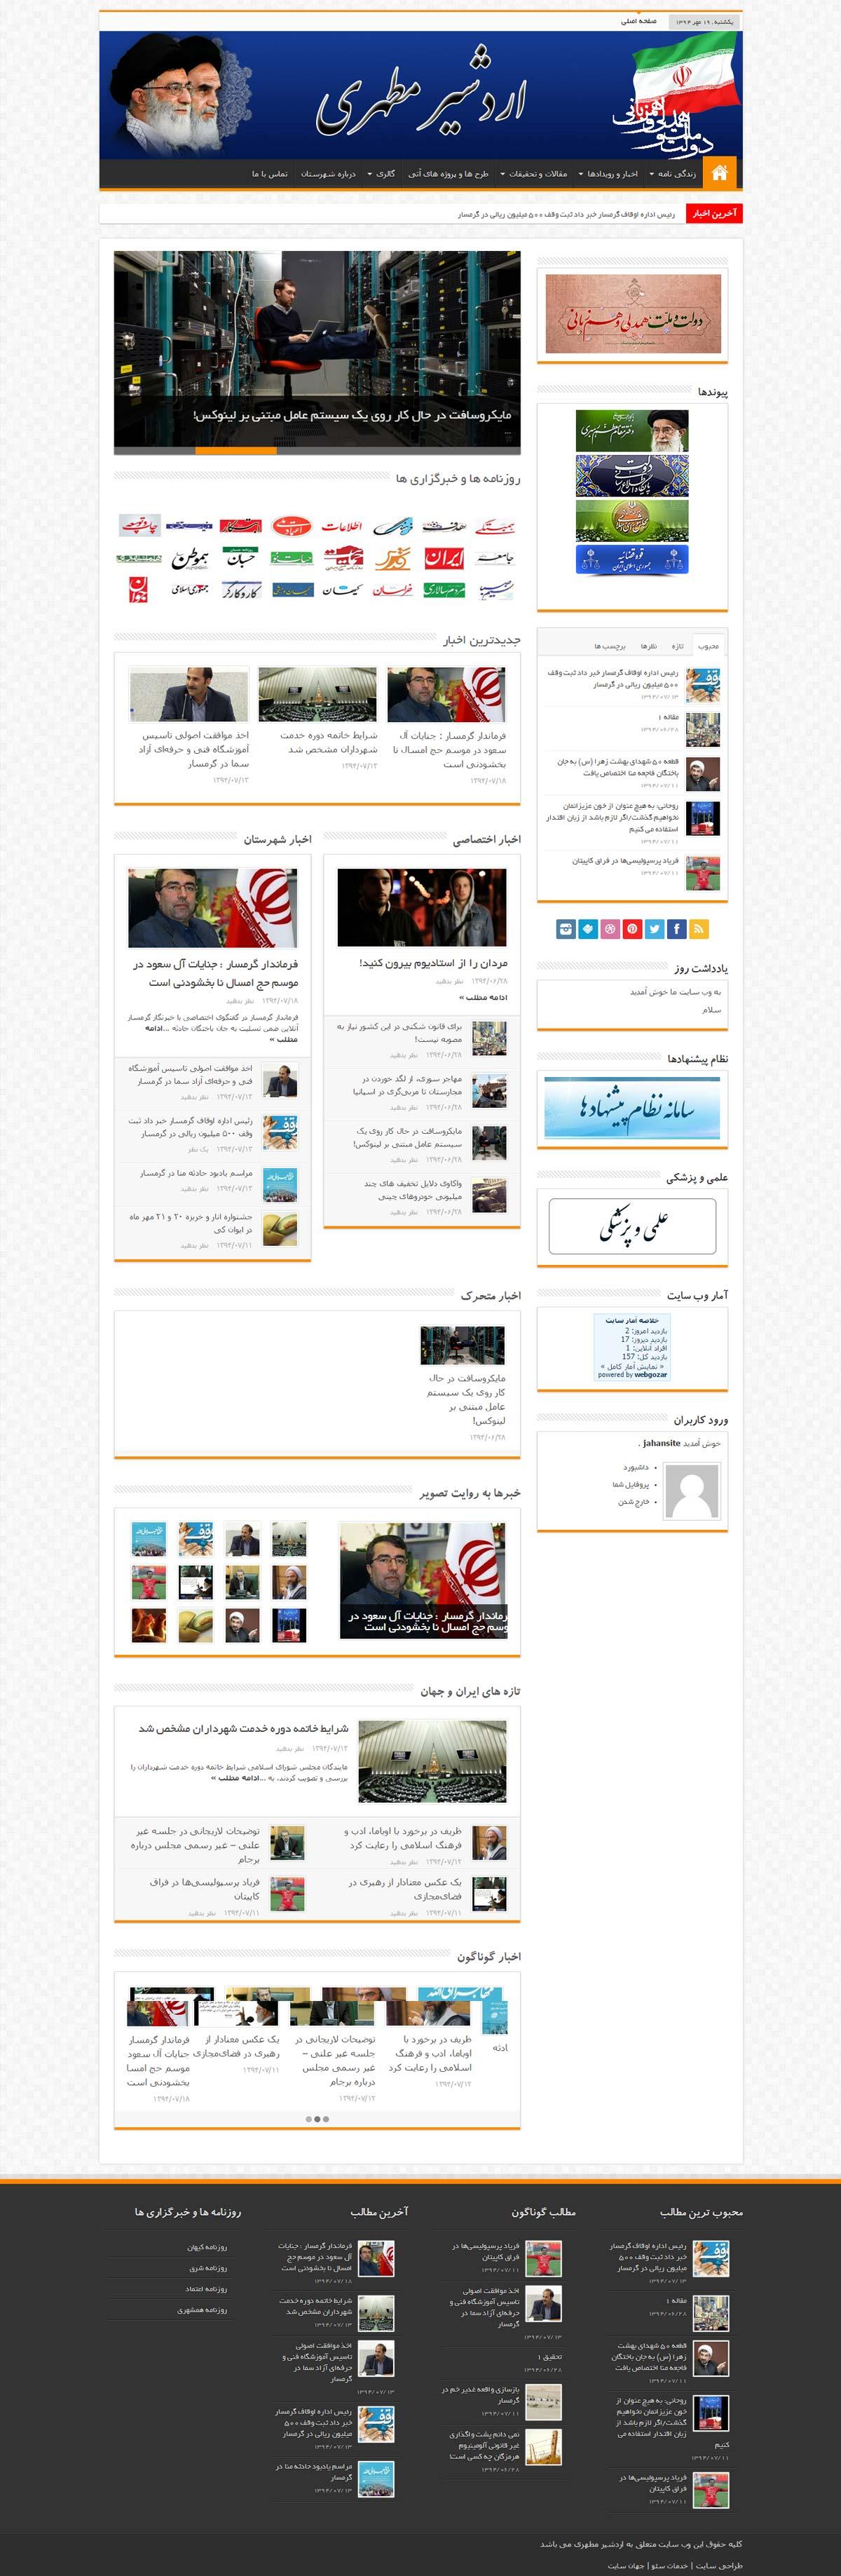 طراحی سایت شخصی دکتر اردشیر مطهری